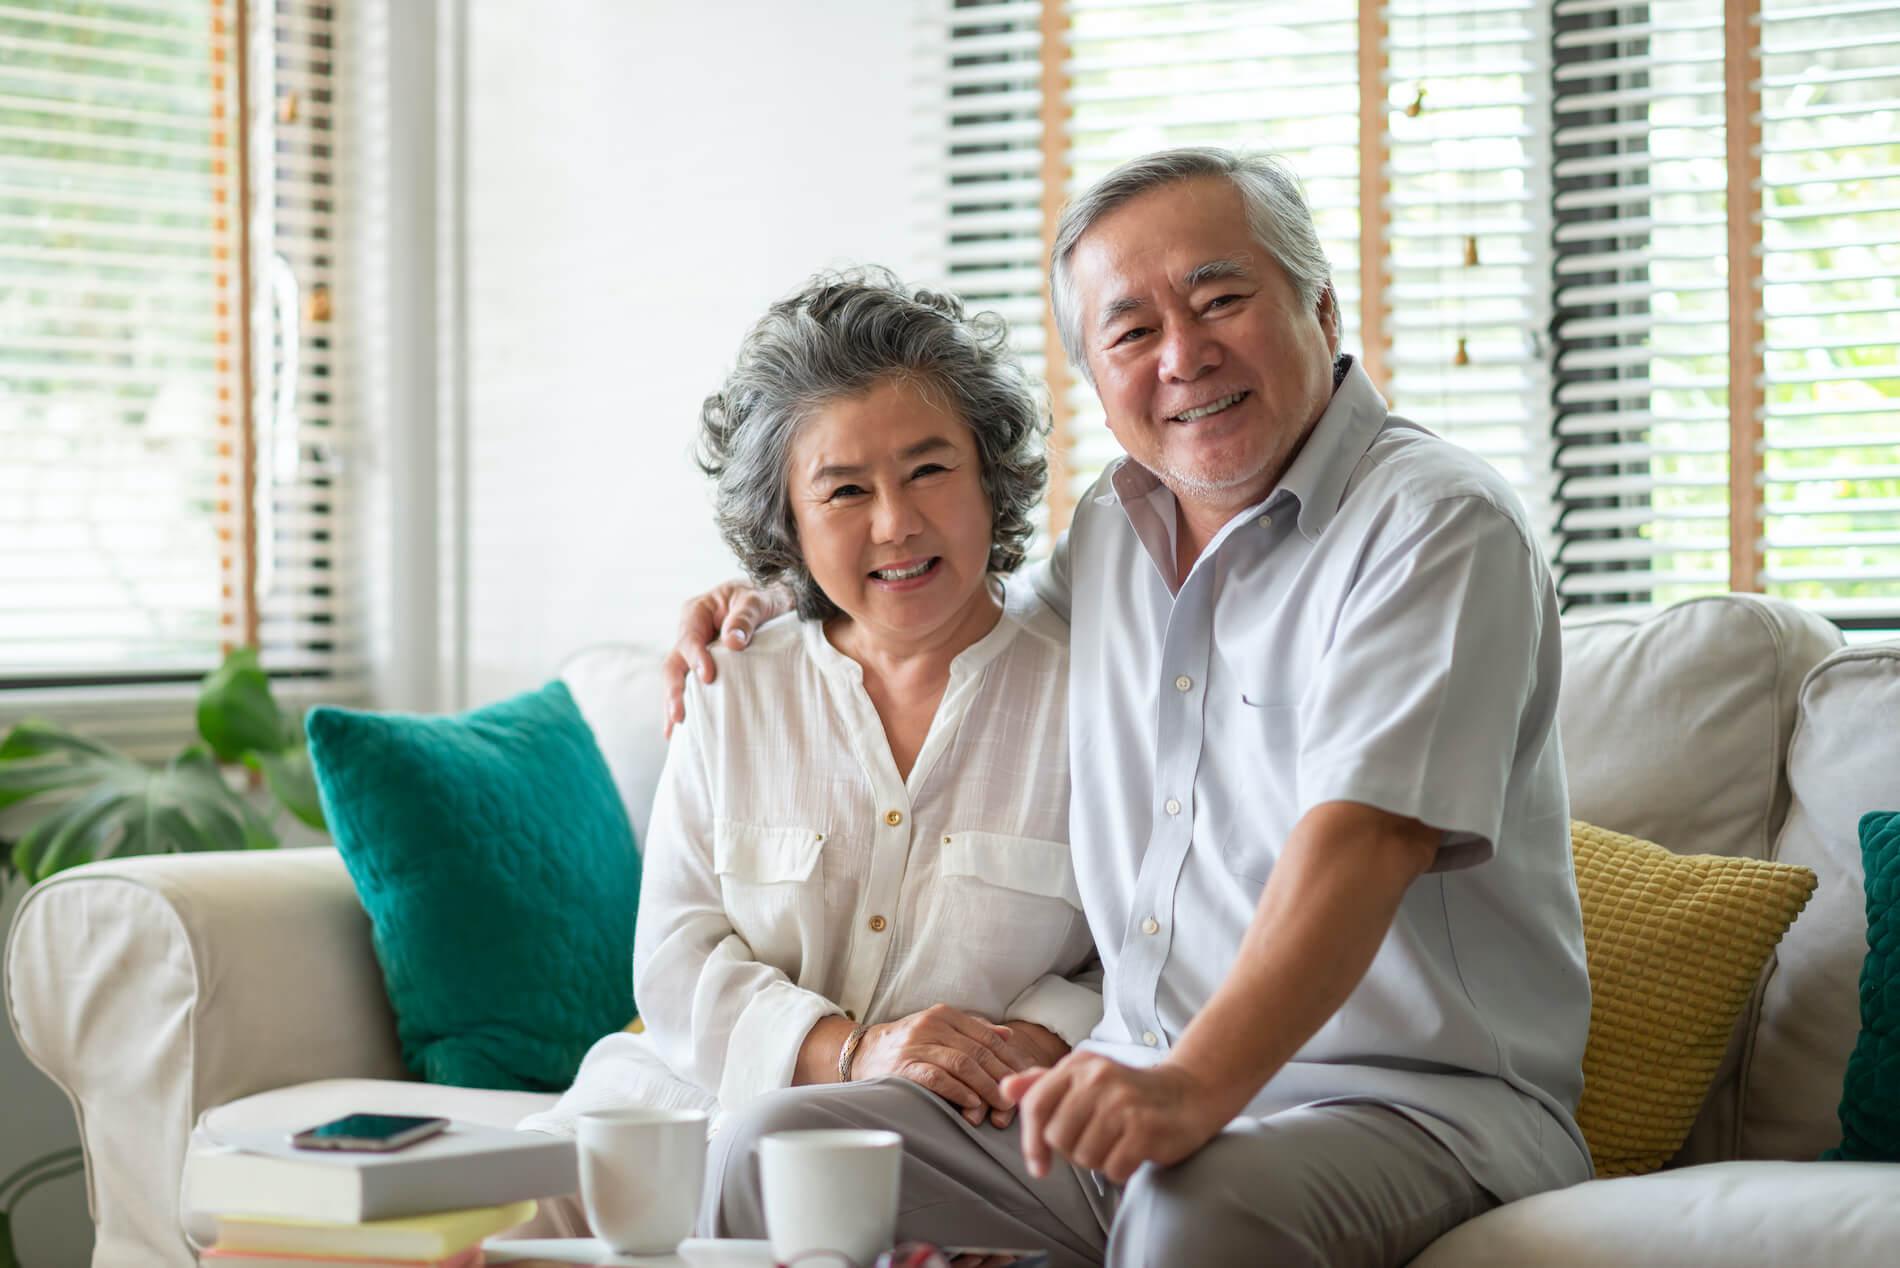 ซื้อบ้านและขอสินเชื่อบ้านสำหรับ กลุ่มสินเชื่อบ้านสำหรับผู้สูงอายุ